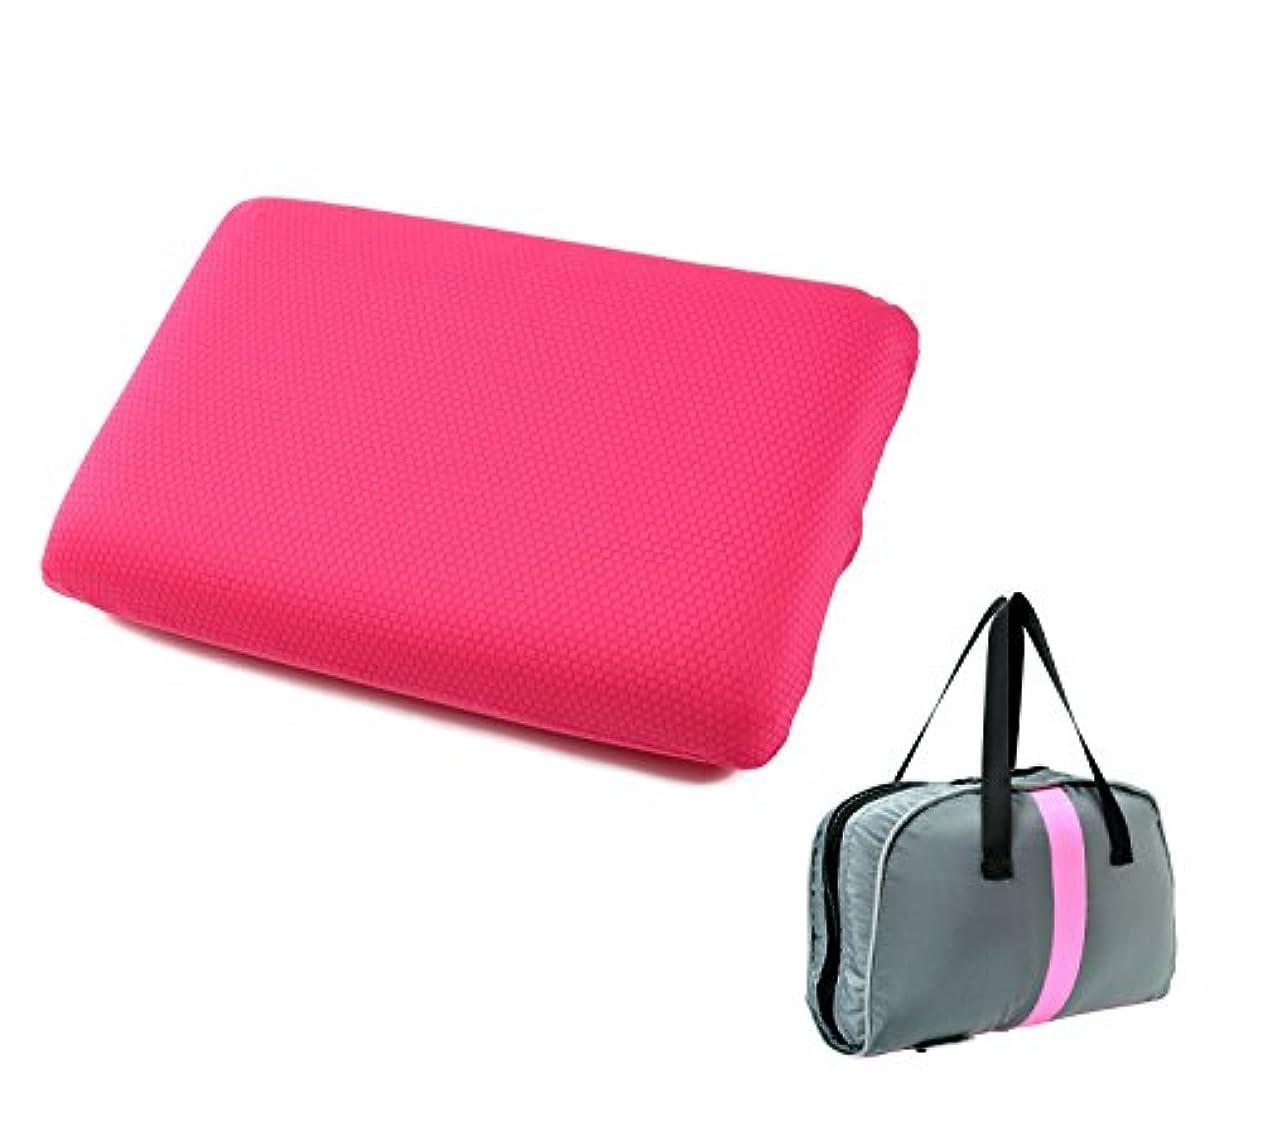 たるみ受粉者義務付けられたFoppery 低反発 クッション 携帯まくら 携帯座布団 腰あて 多機能クッション バッグ型に収納可能 折りたたみ 座布団 持ち運び に 便利